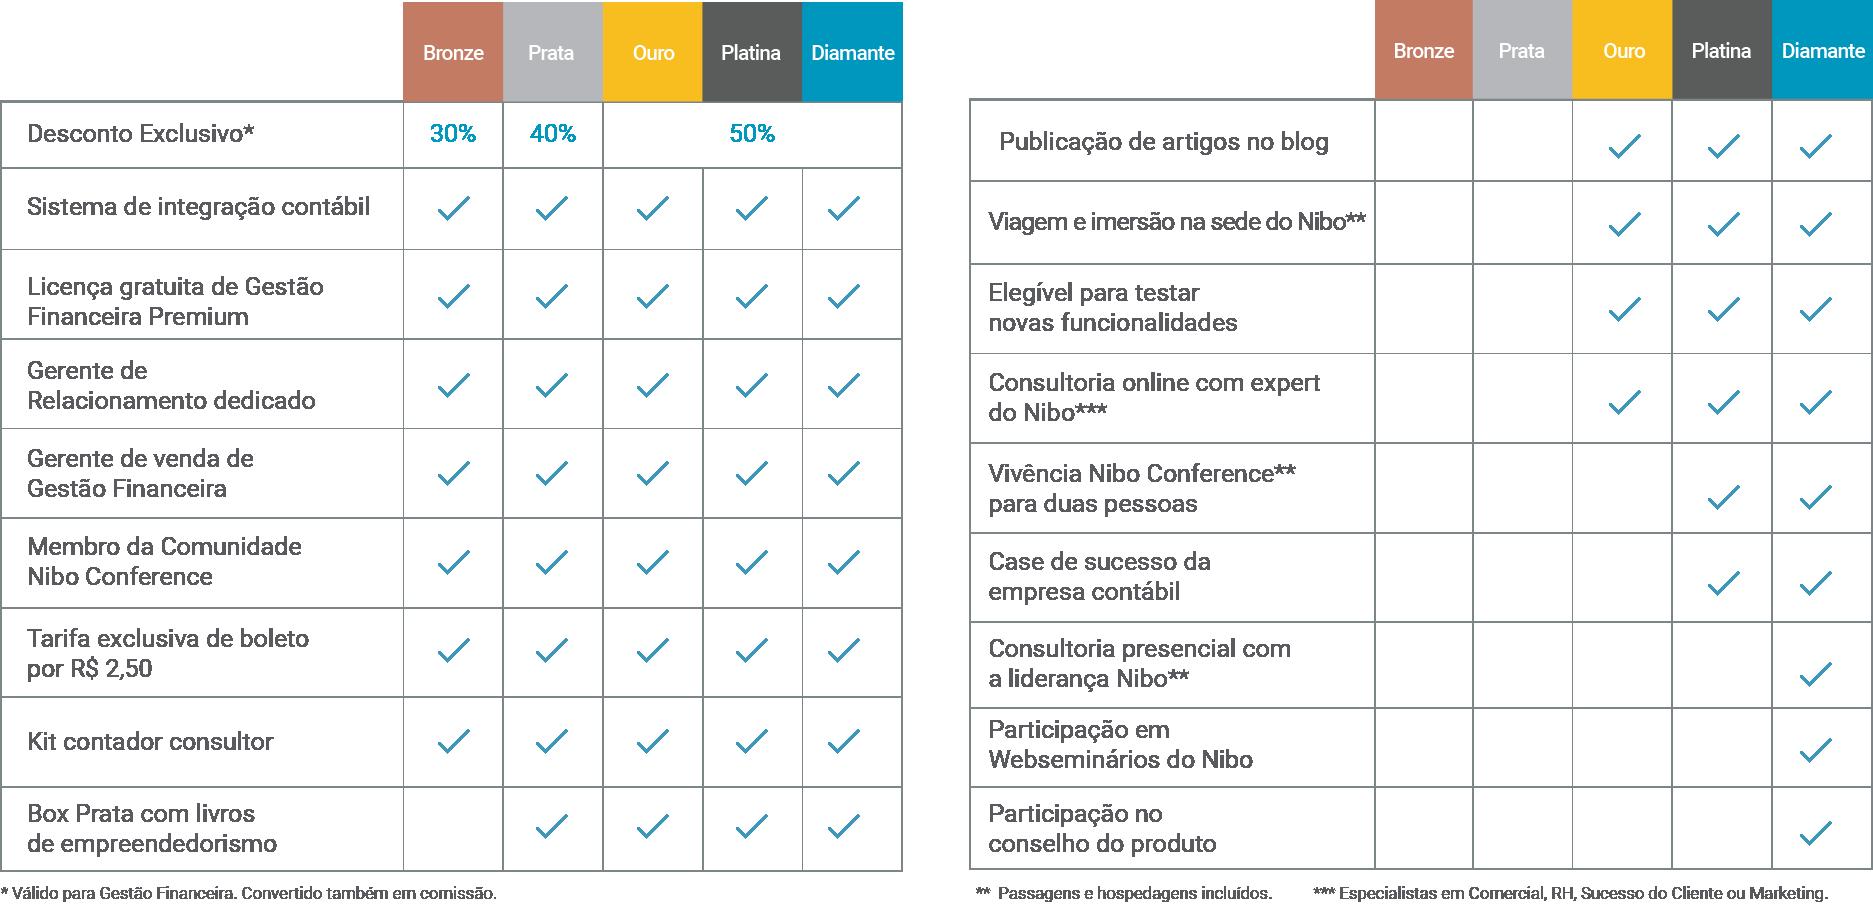 Tabela com os valores do Programa de Parceria para contadores do Nibo.